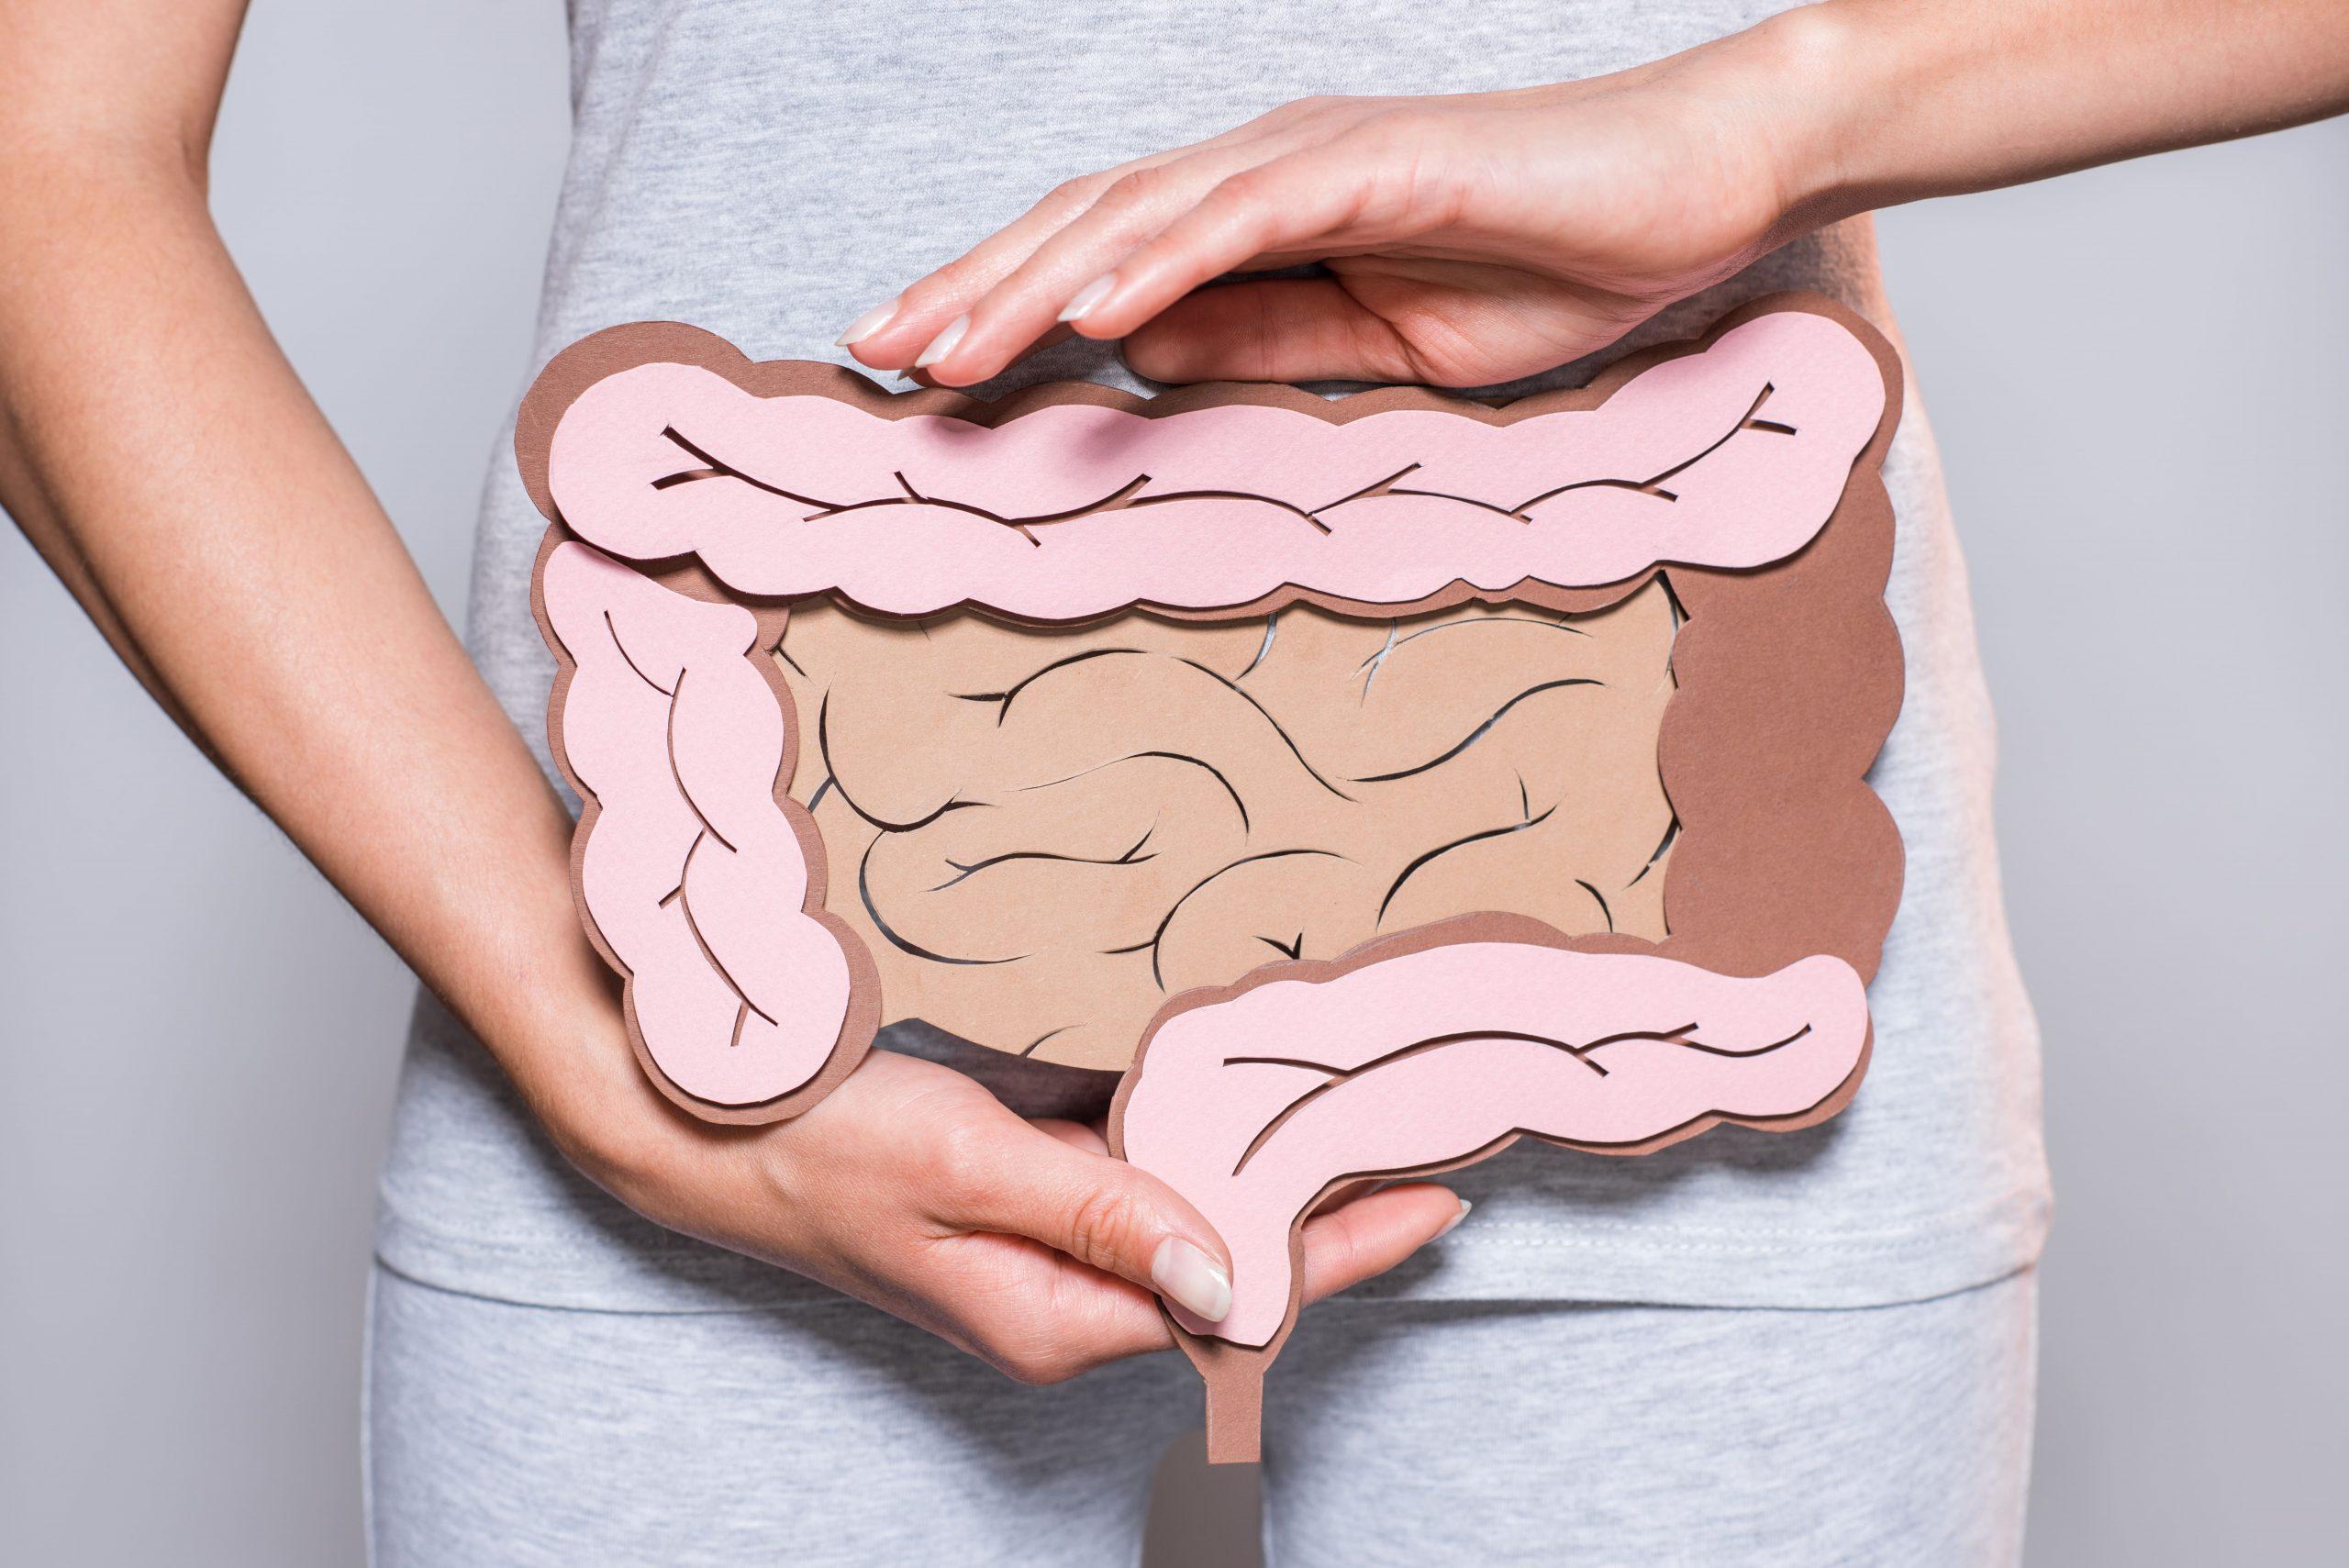 Terapia nutrizionale per Insufficienza intestinale